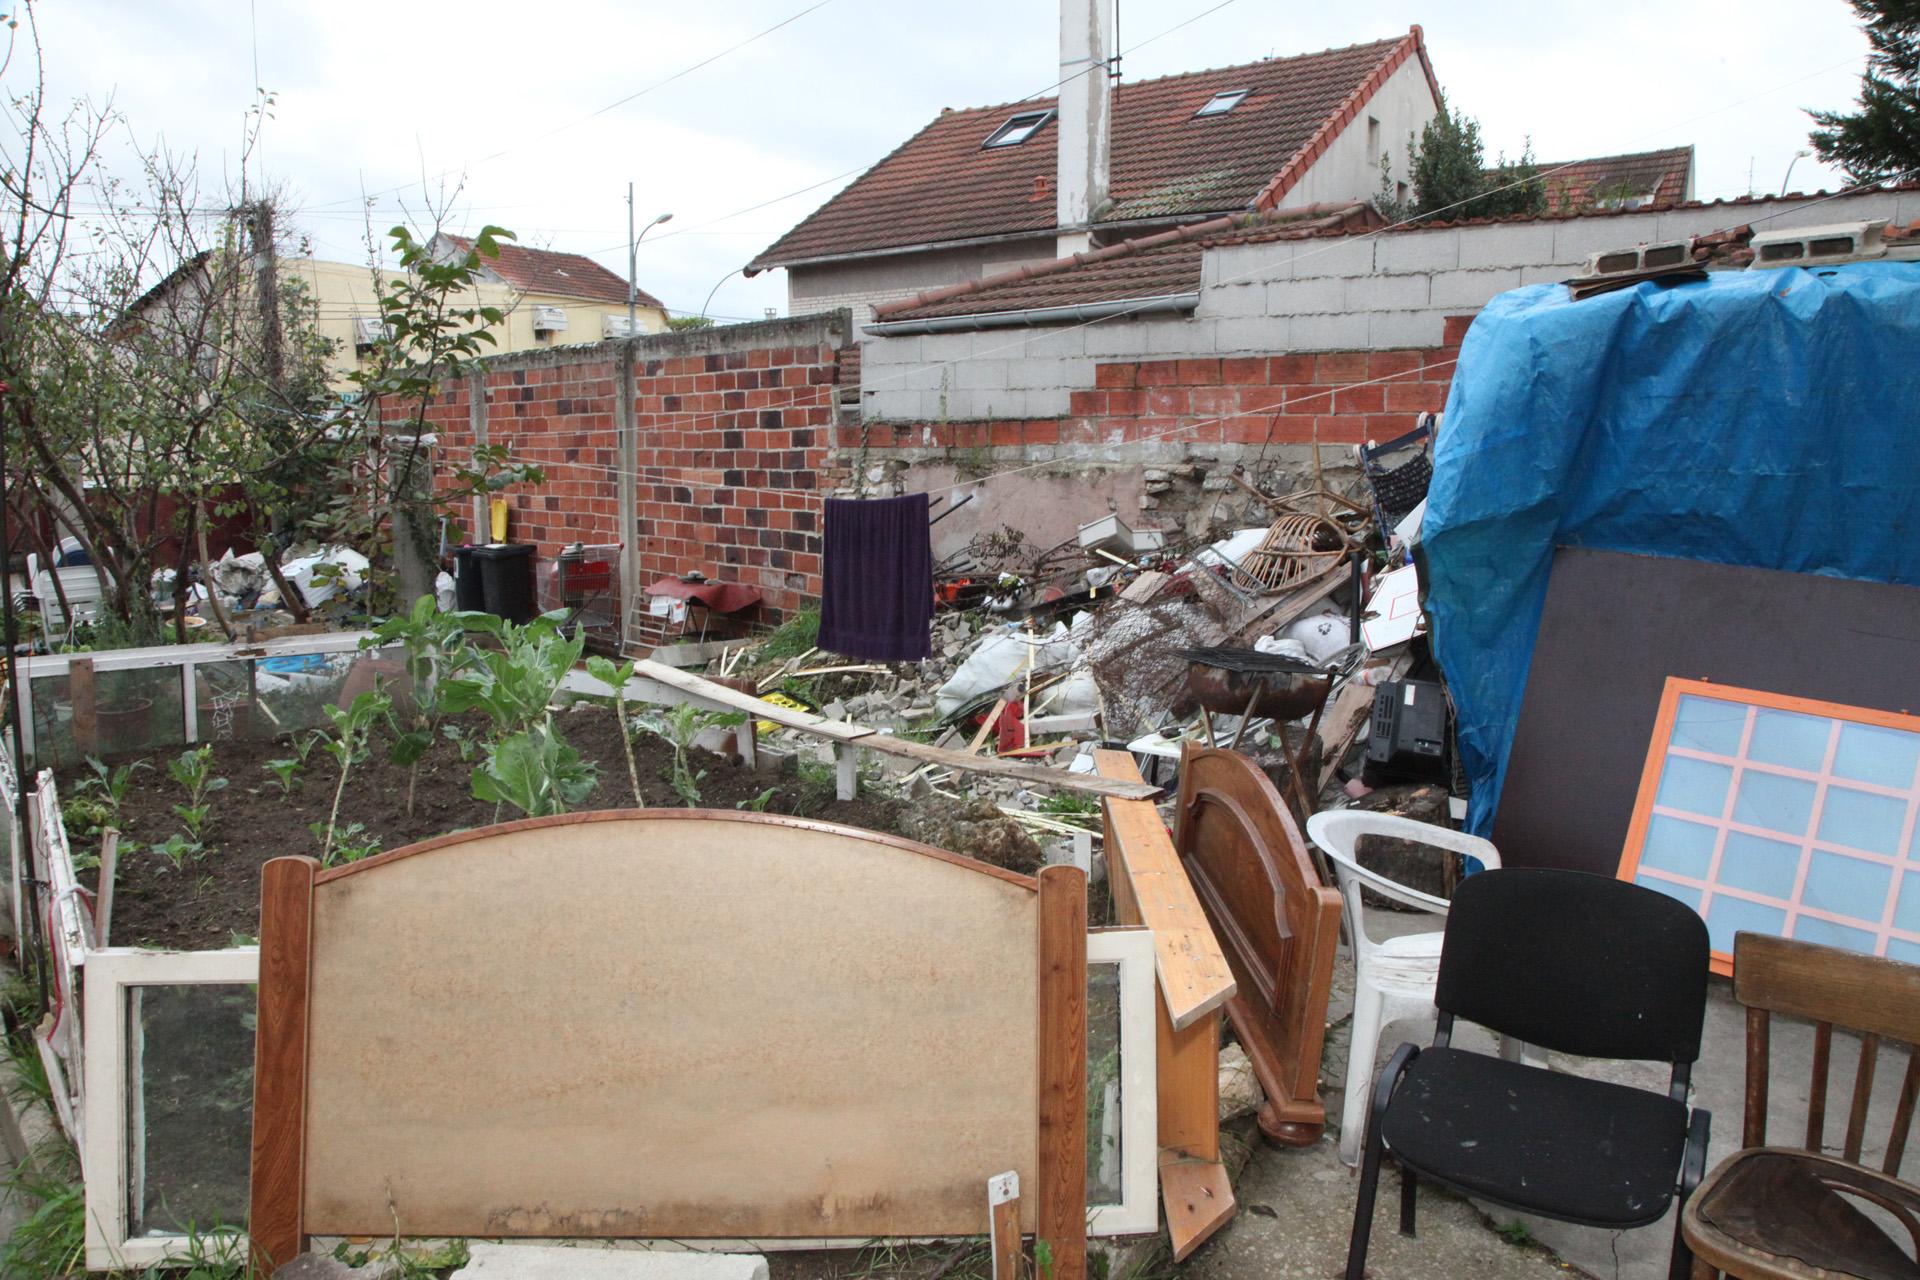 Saint-Maur : Un nouveau squat évacué